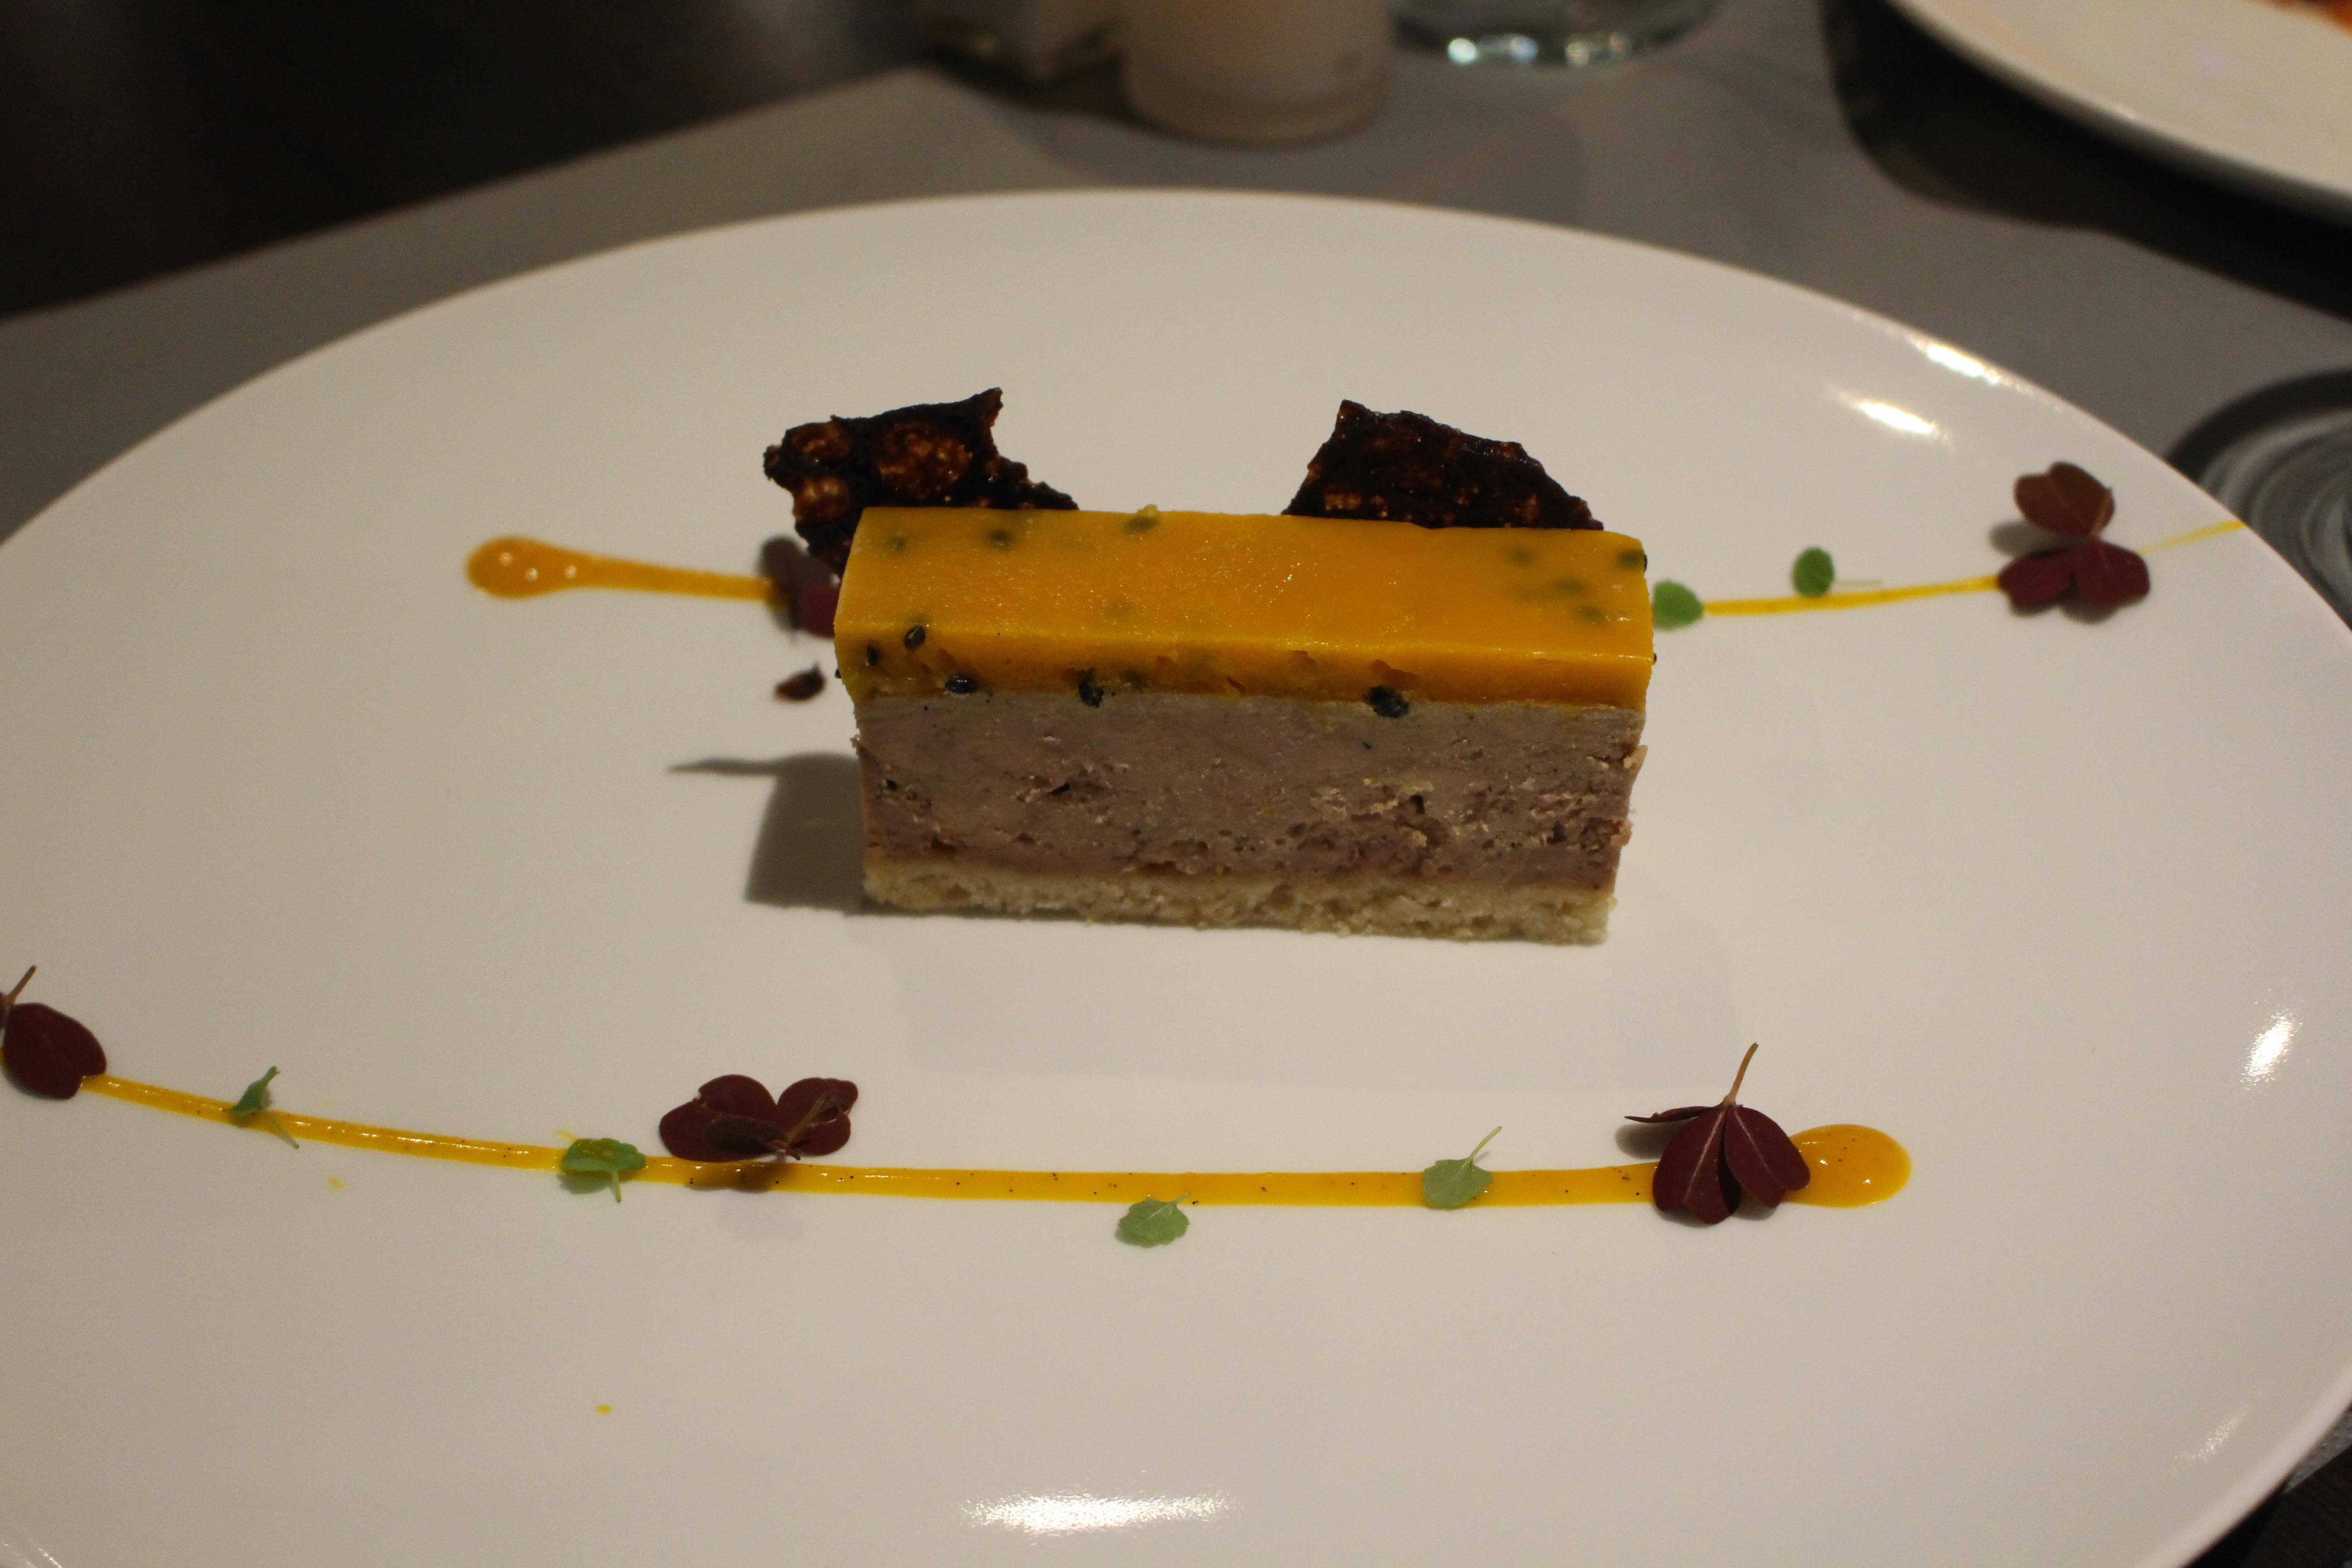 Foie gras les bonnes adresses de justine - Decoration assiette de foie gras photo ...